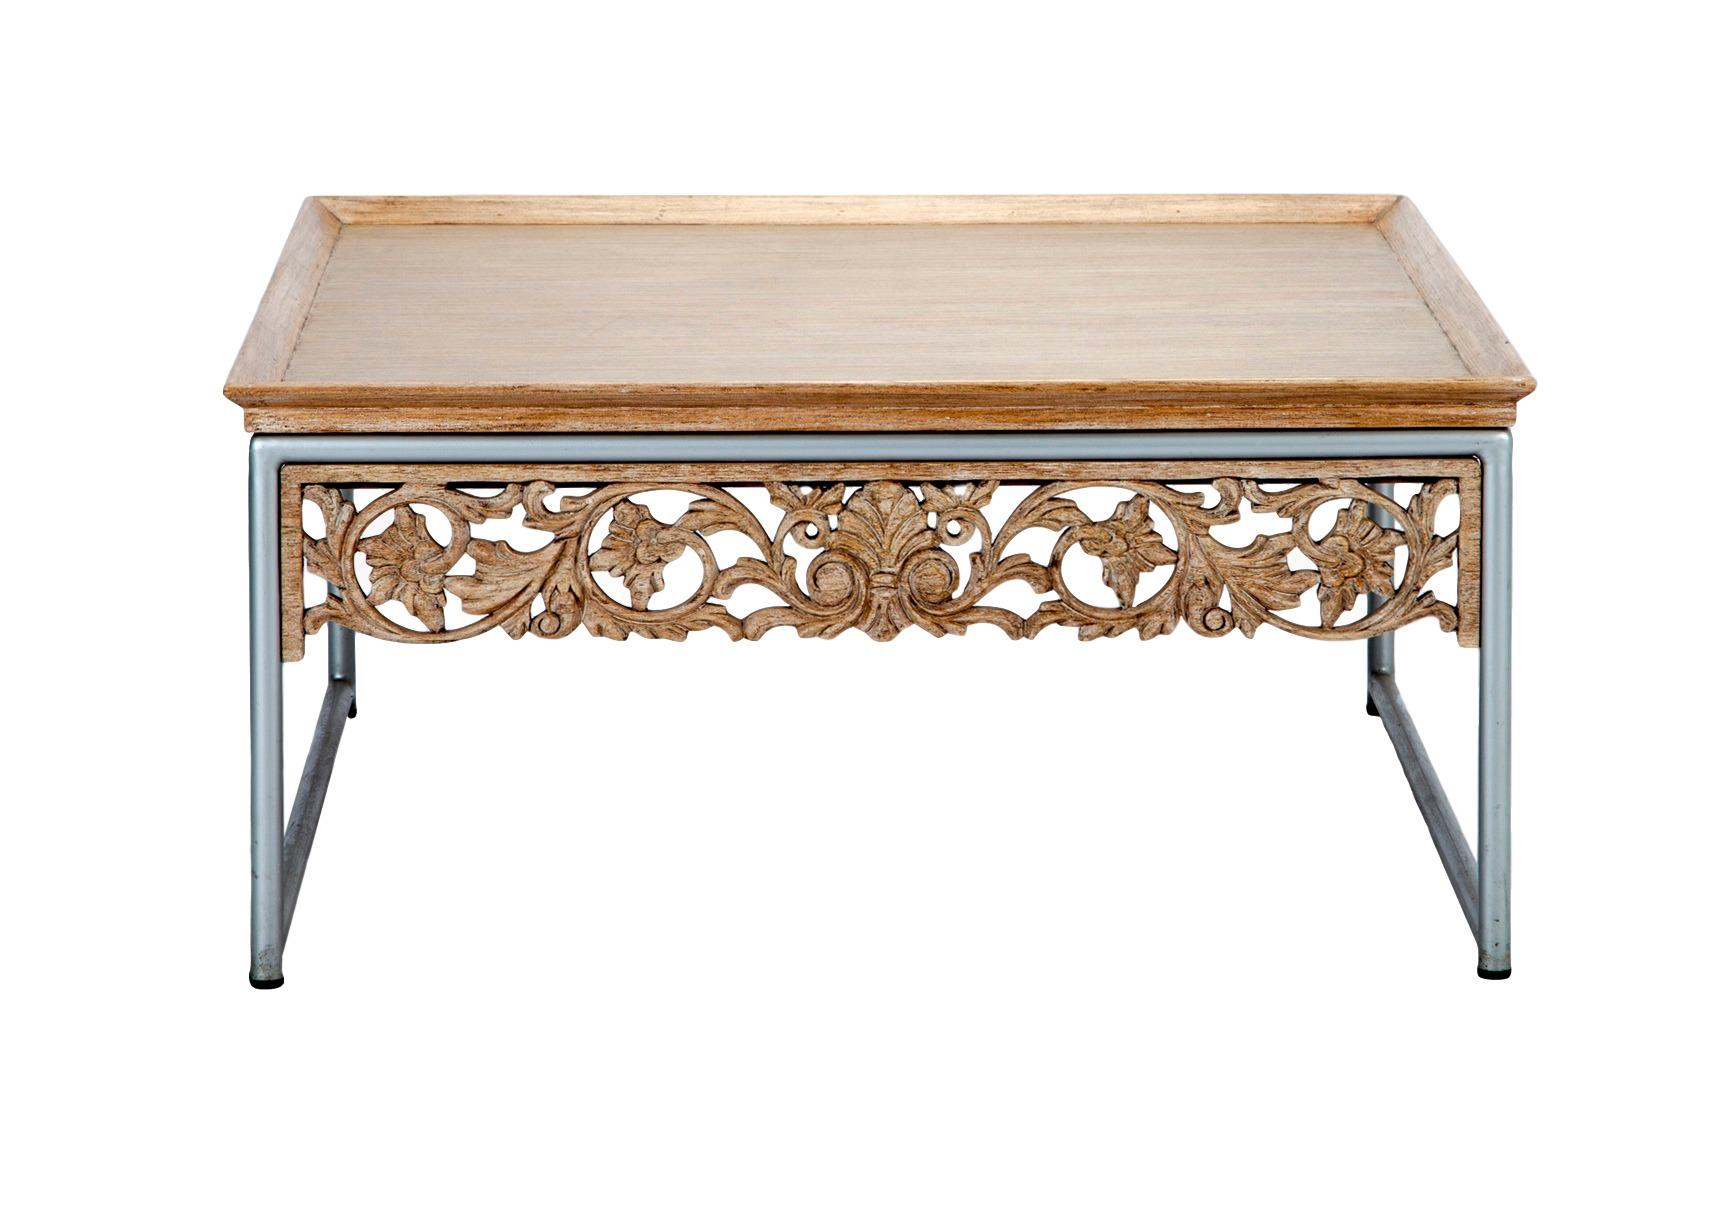 Стол кофейный МодернКофейные столики<br>Стол кофейный на металлическом основании,столешница из натурального дерева,декорирована резьбой.<br><br>Material: Дерево